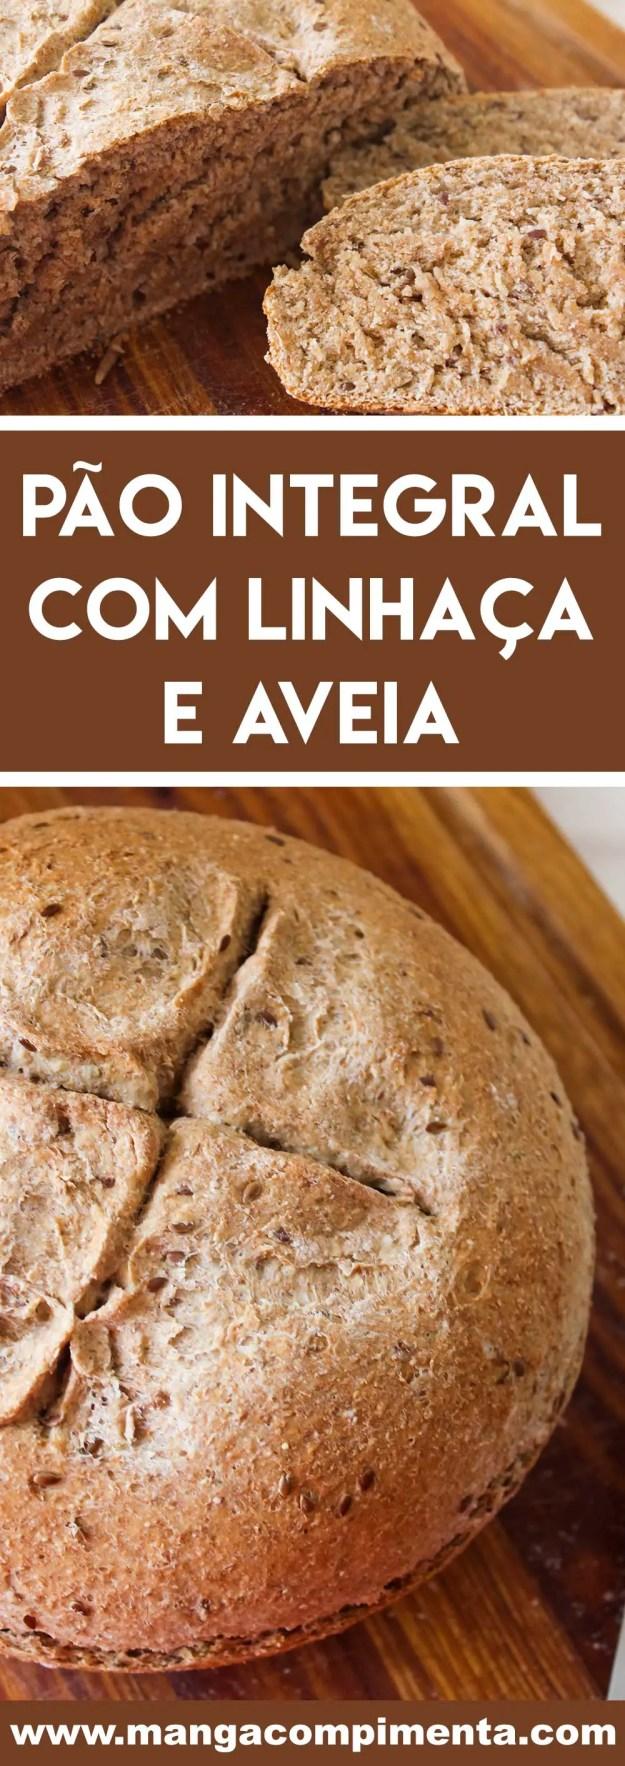 Receita de Pão Integral com Linhaça e Aveia - perfeito e nutritivo para o café da manhã!